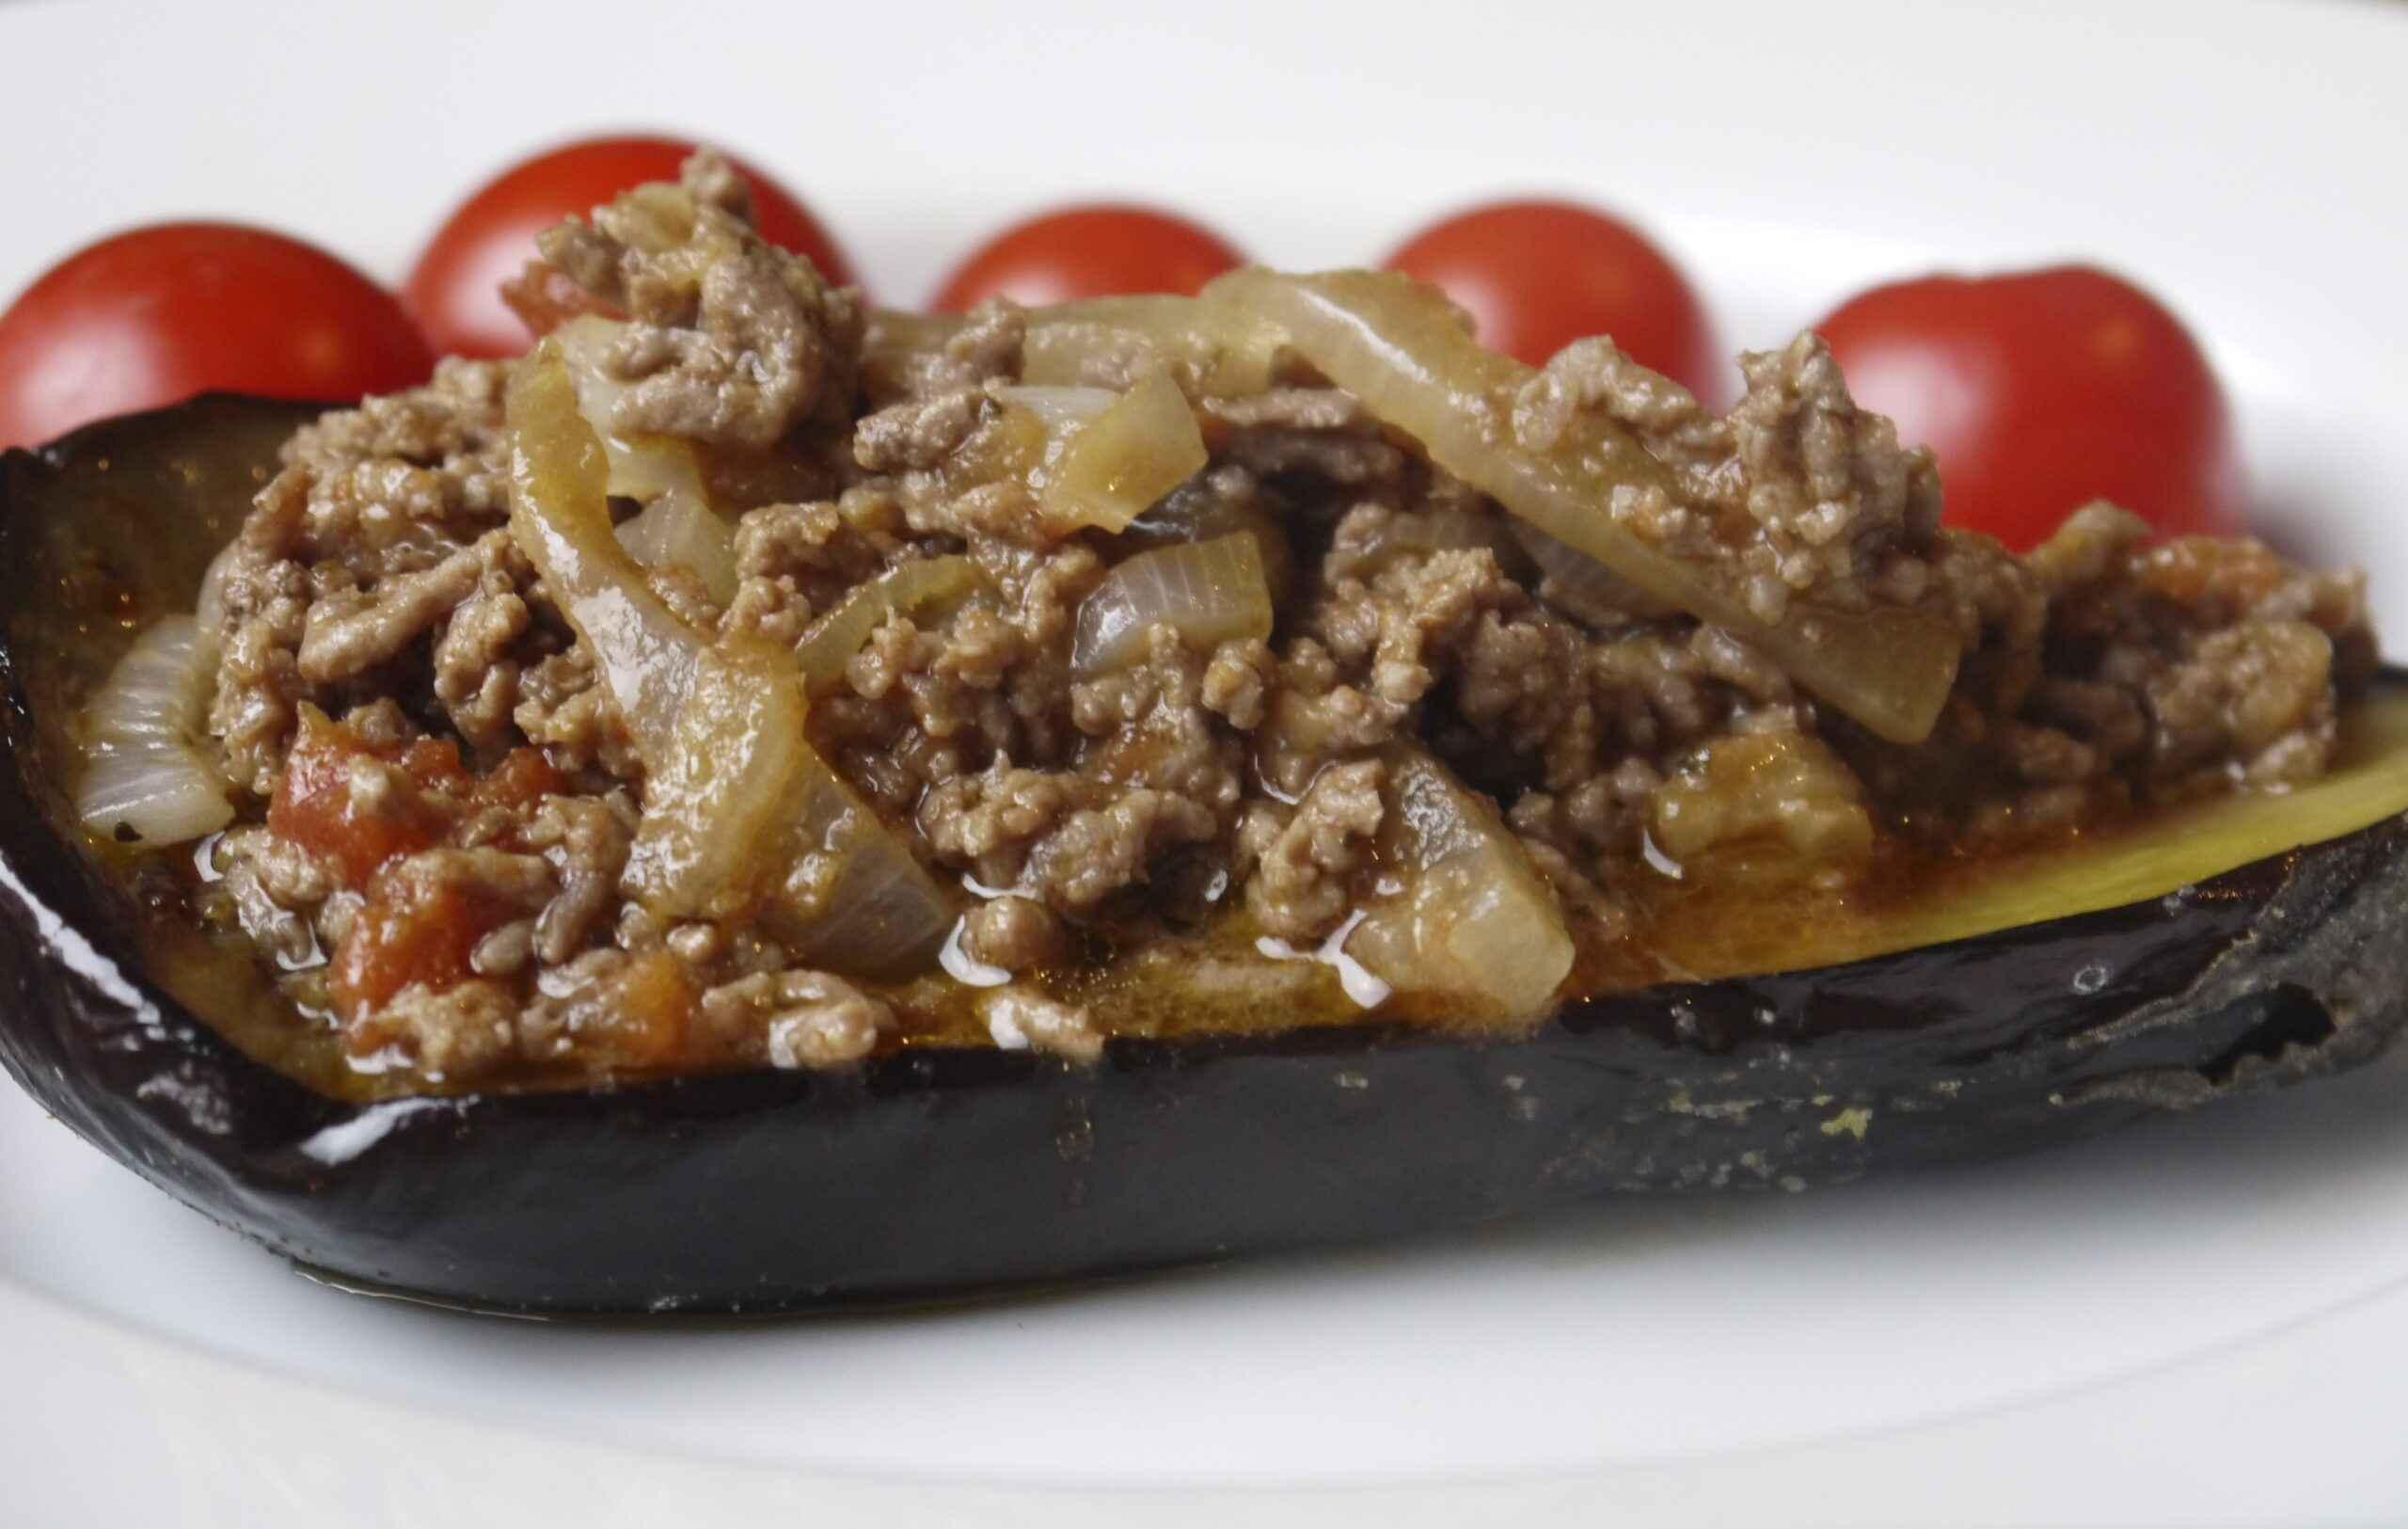 Receita de berinjela recheada com carne moída Americana